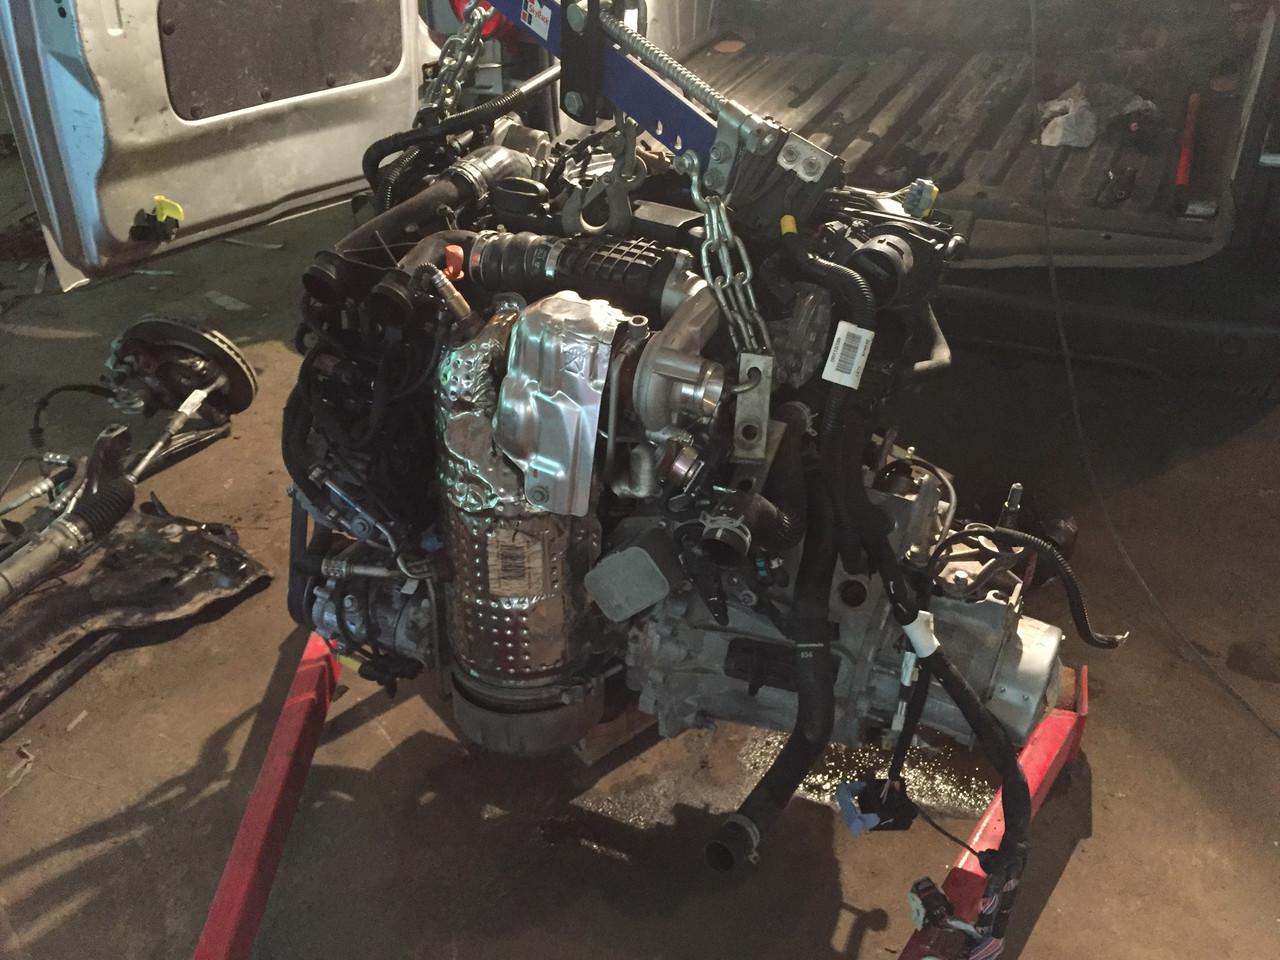 двигатель ситроен берлинго 1.6дизель 2012